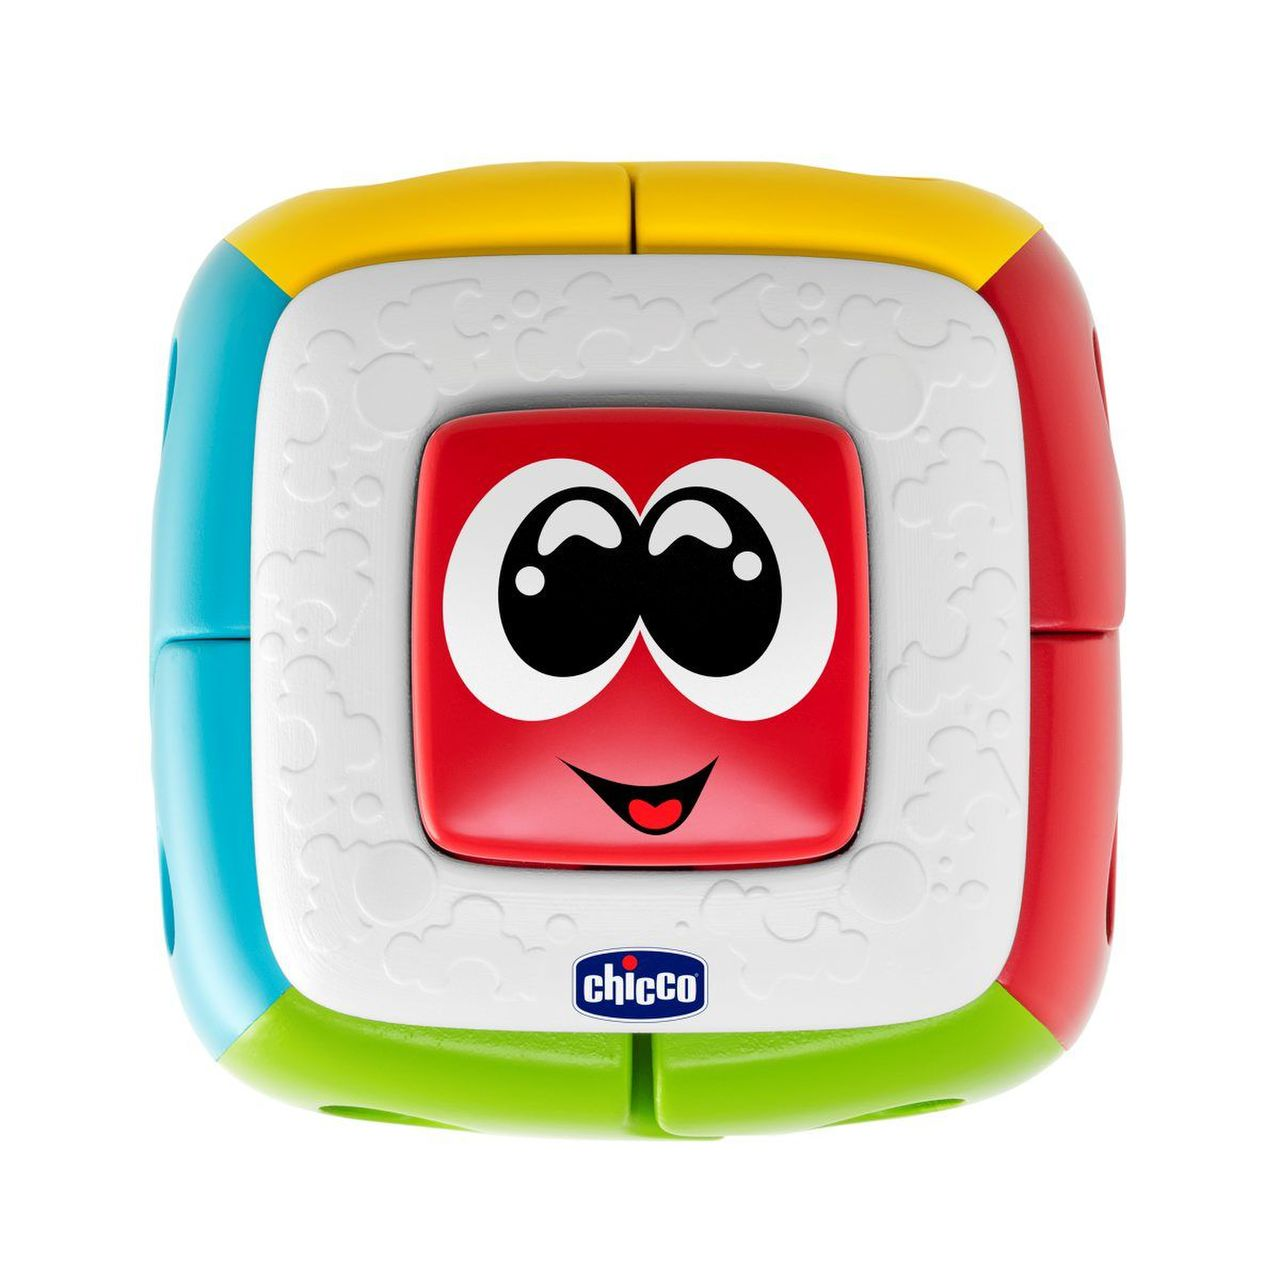 Chicco Παιδικός Κύβος Ρούμπικ 2 σε 1 Y02-10061-00